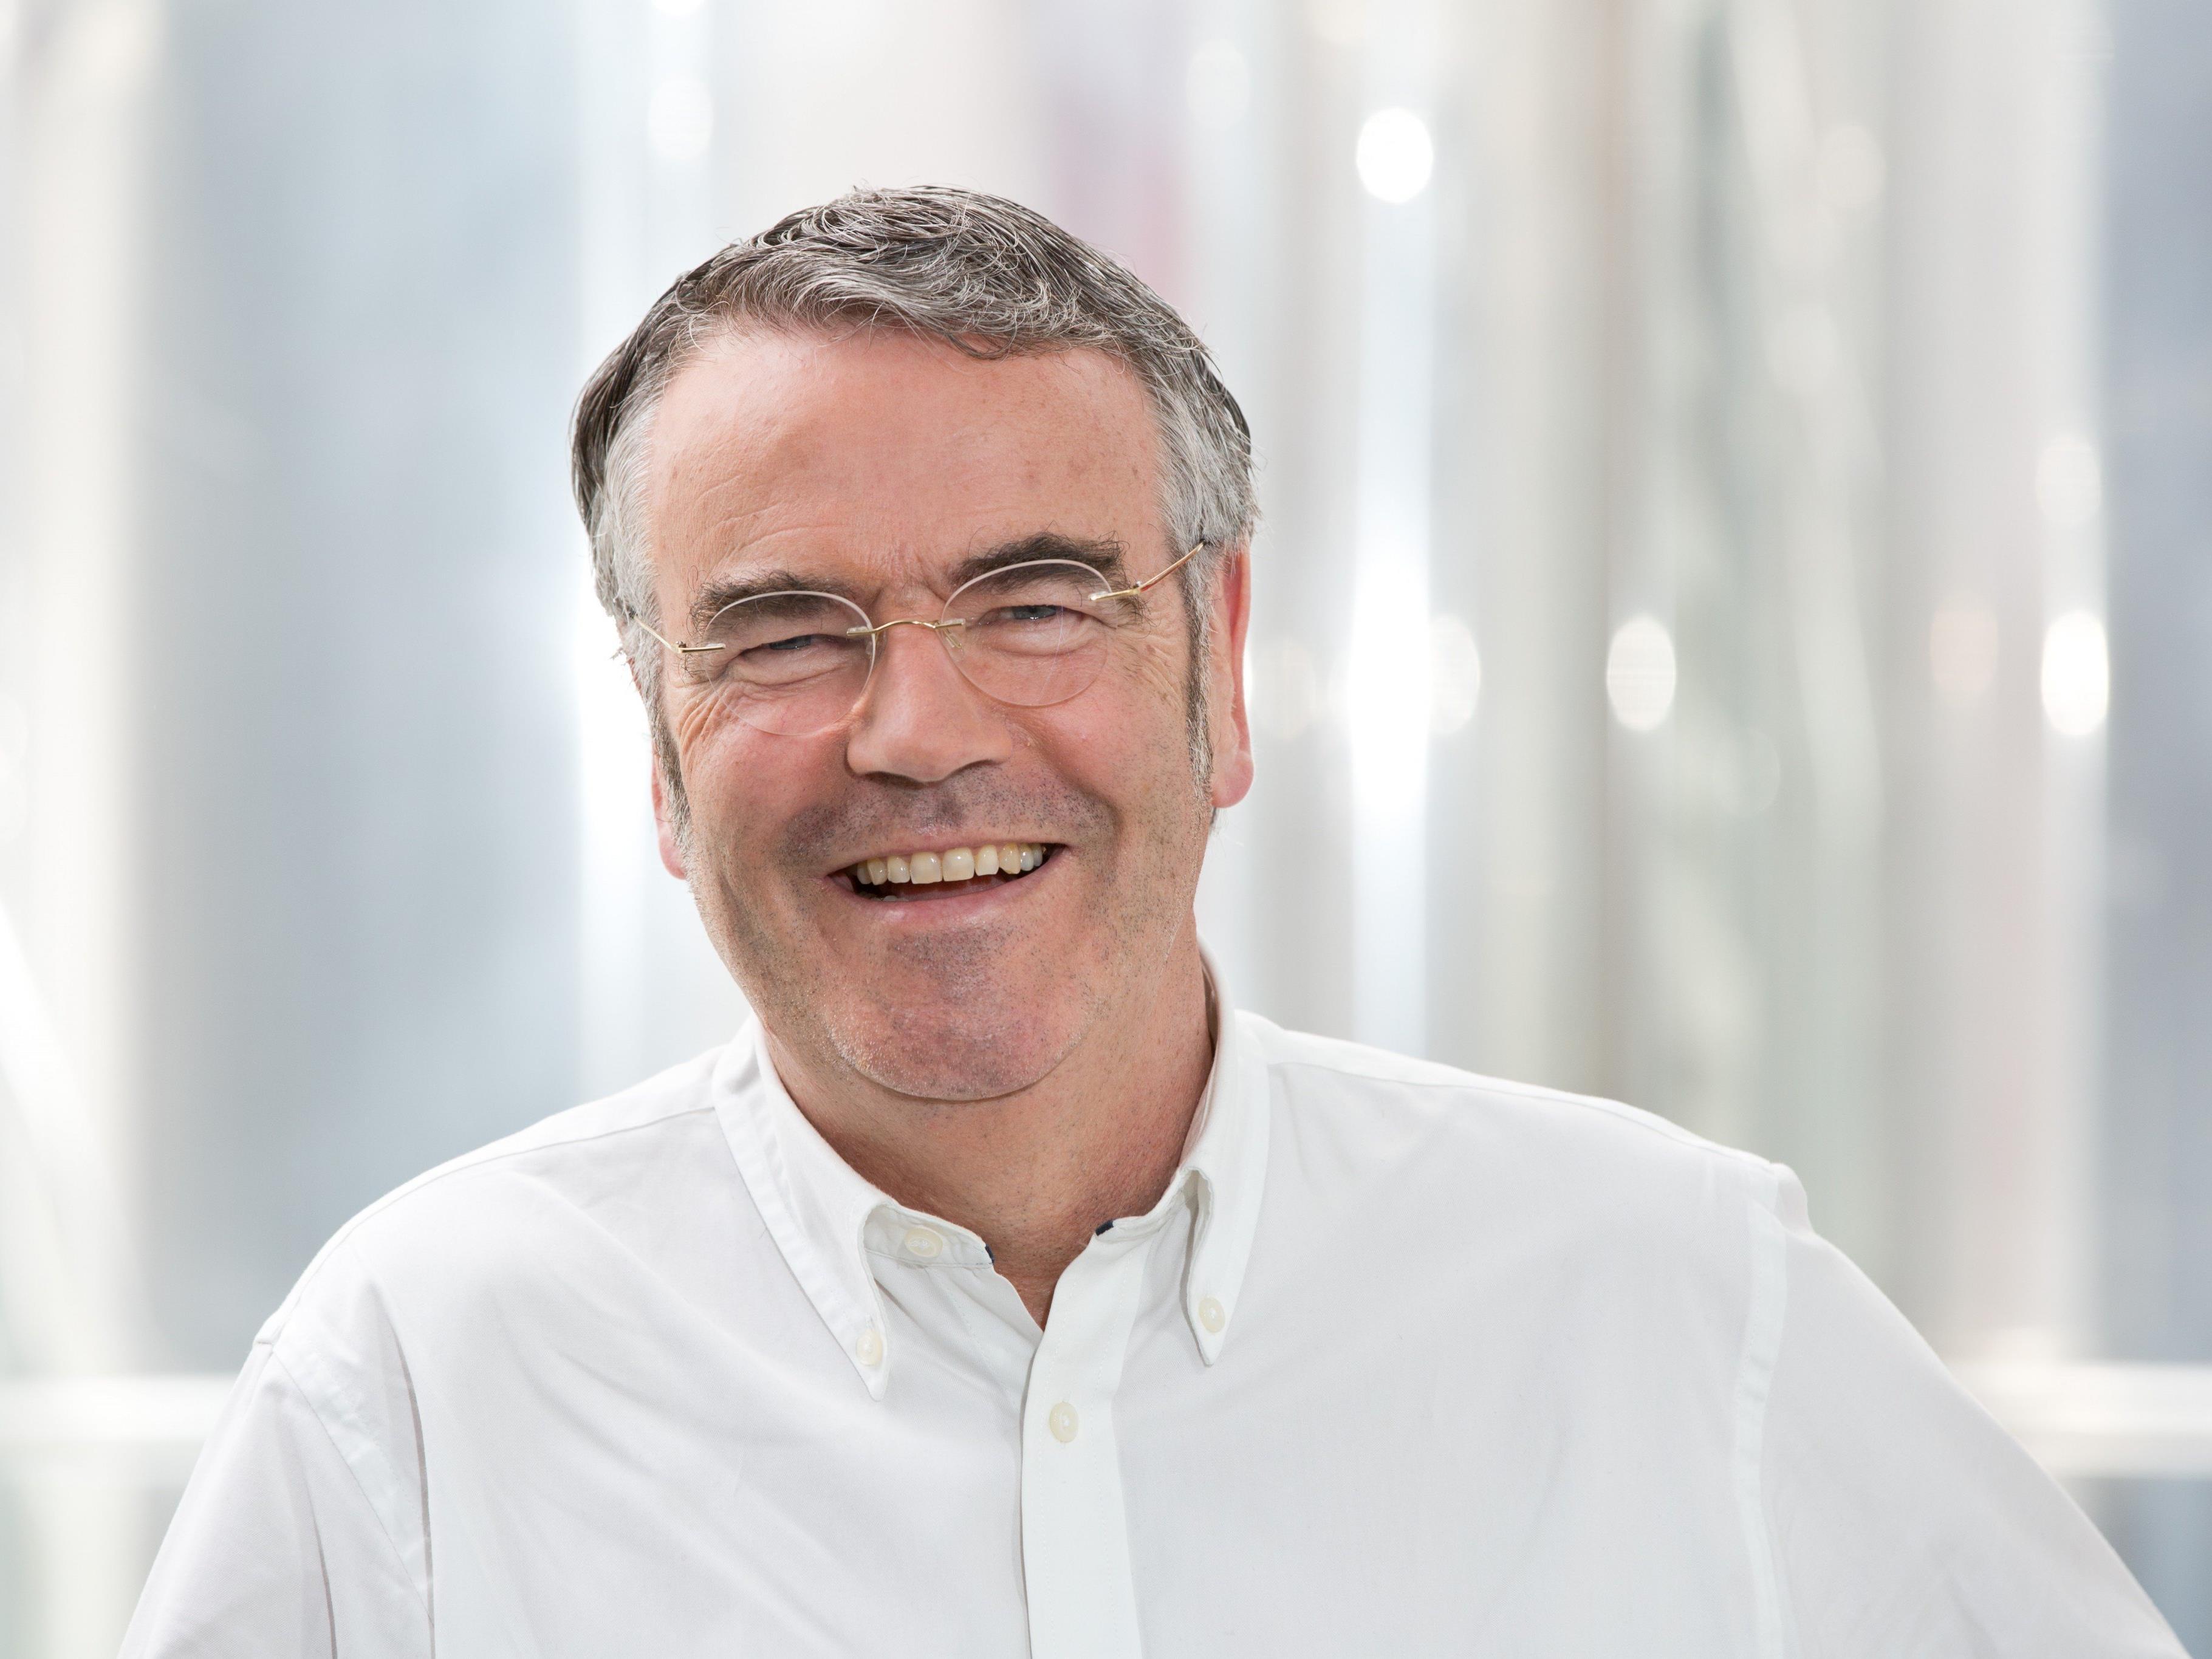 Dr. Johannes Schmidle